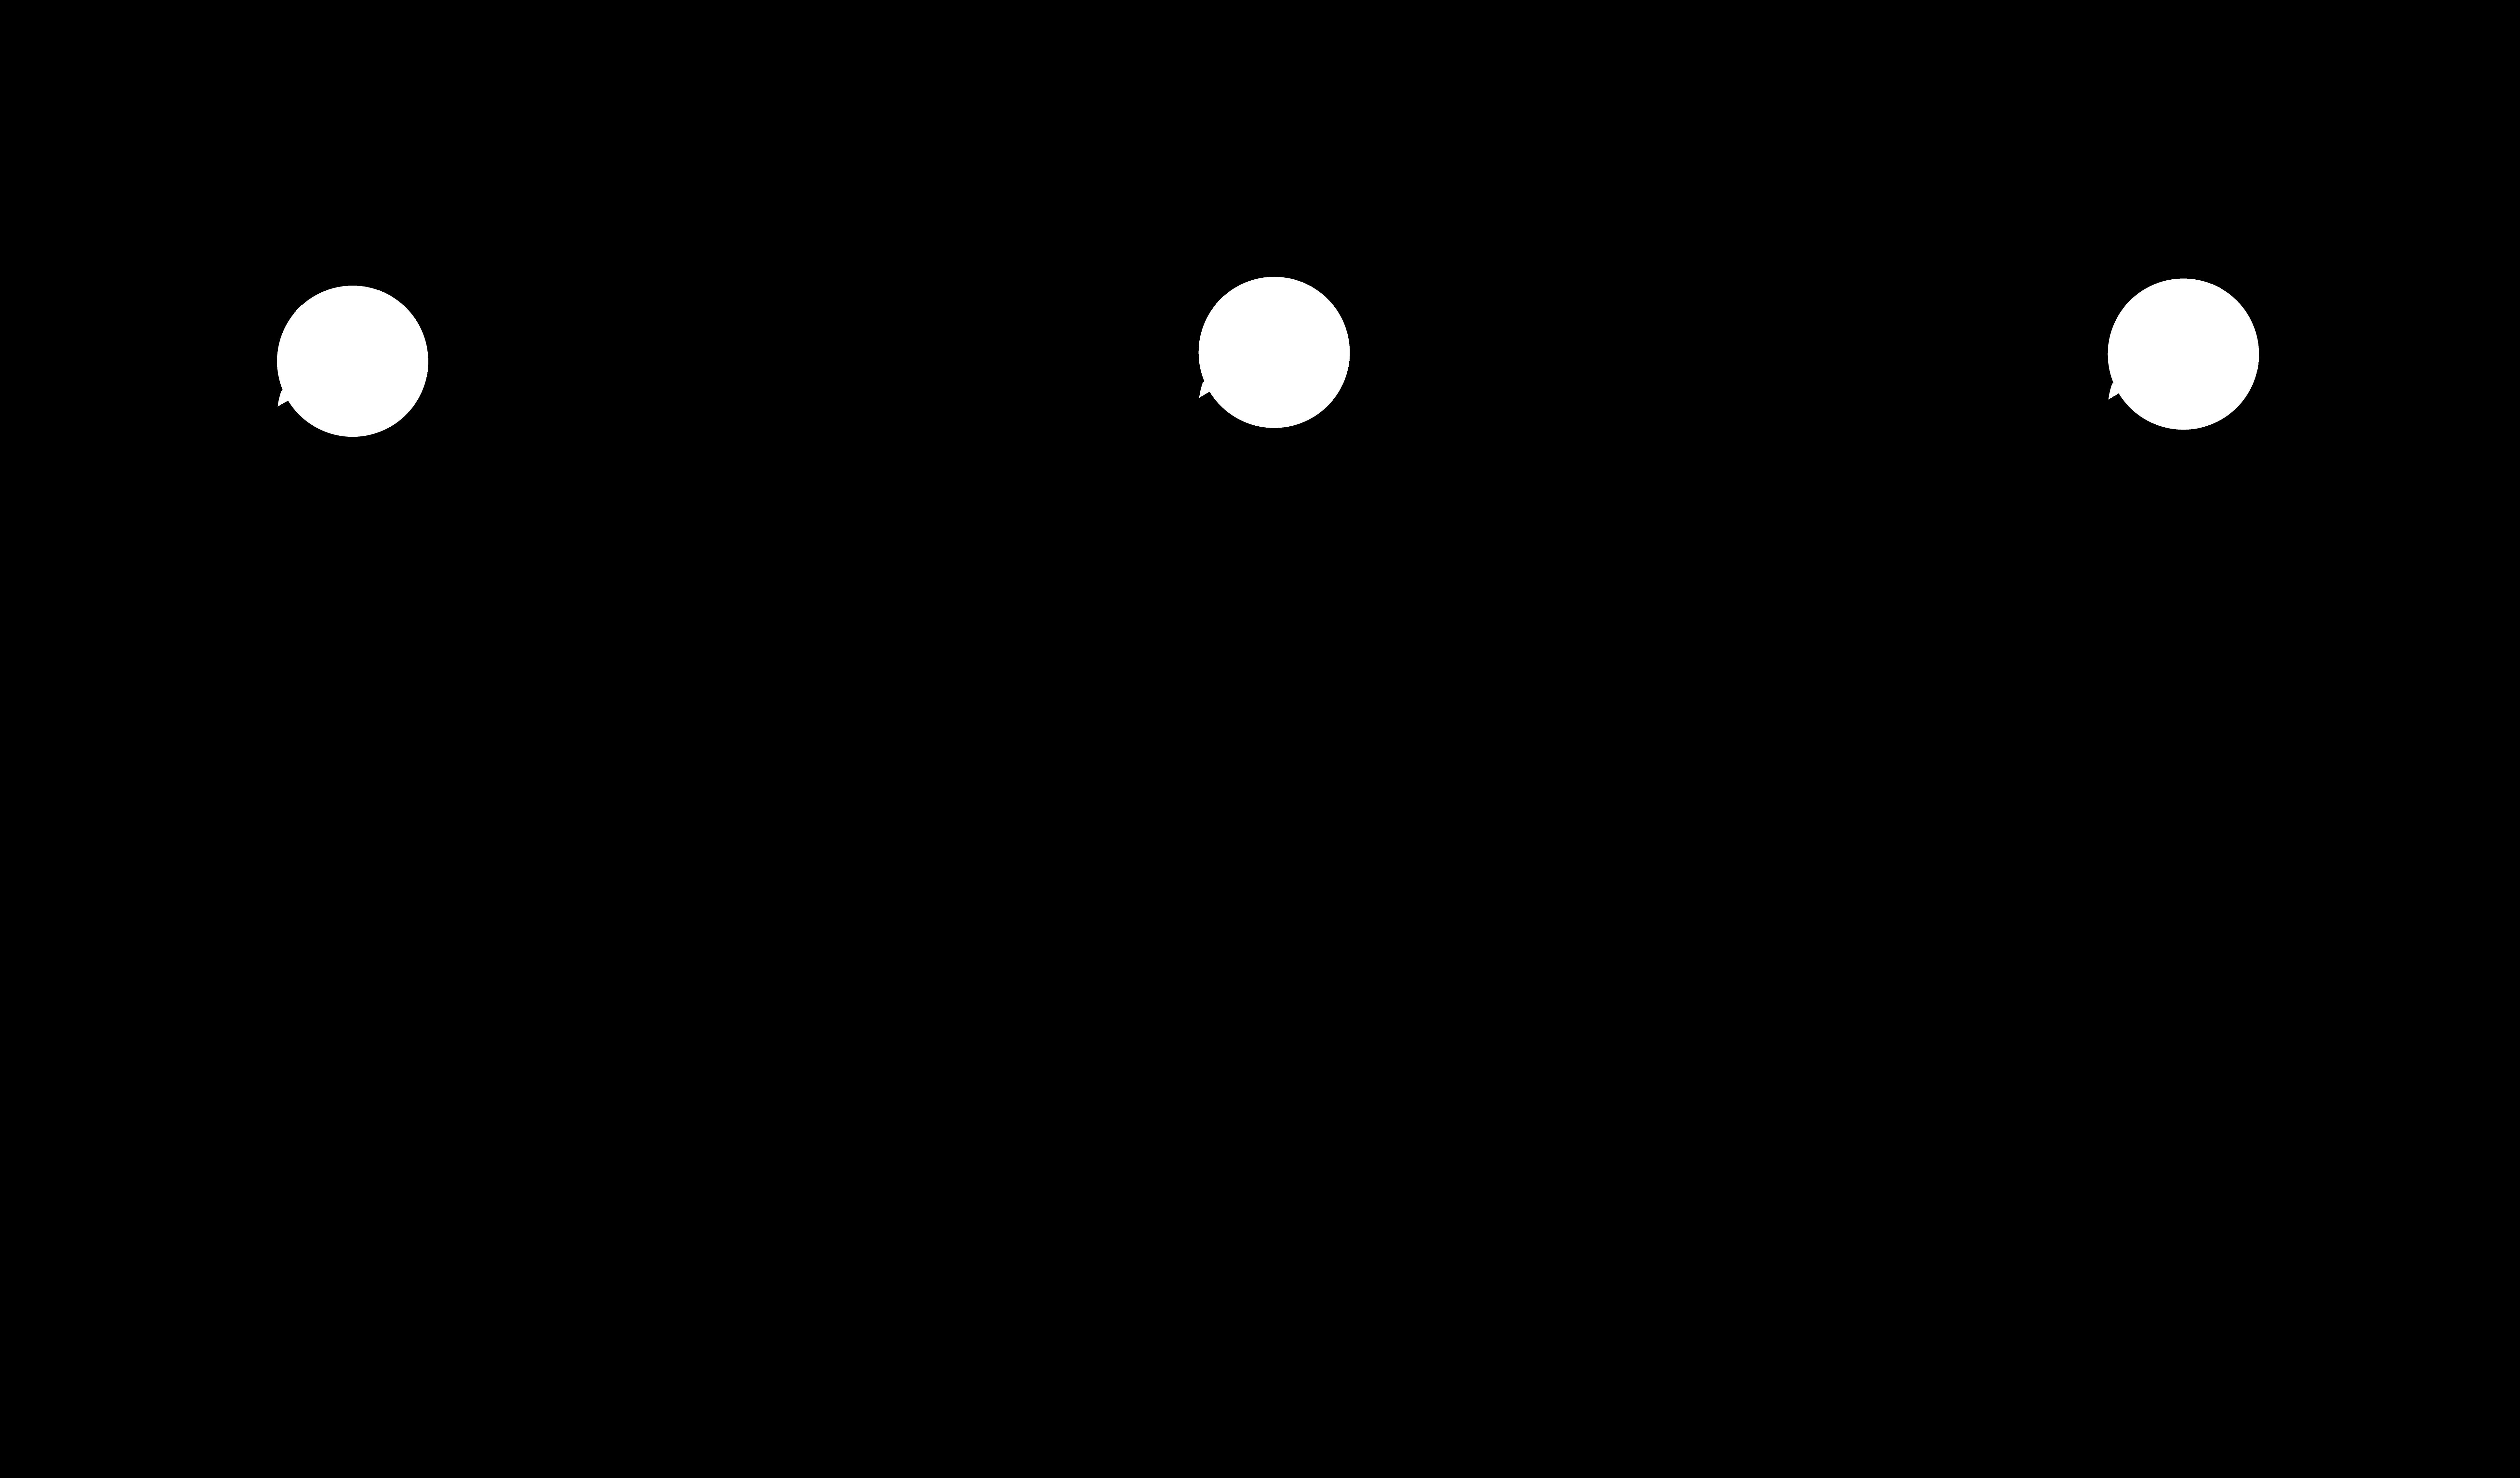 7747x4545 Black Silhouette Daisies